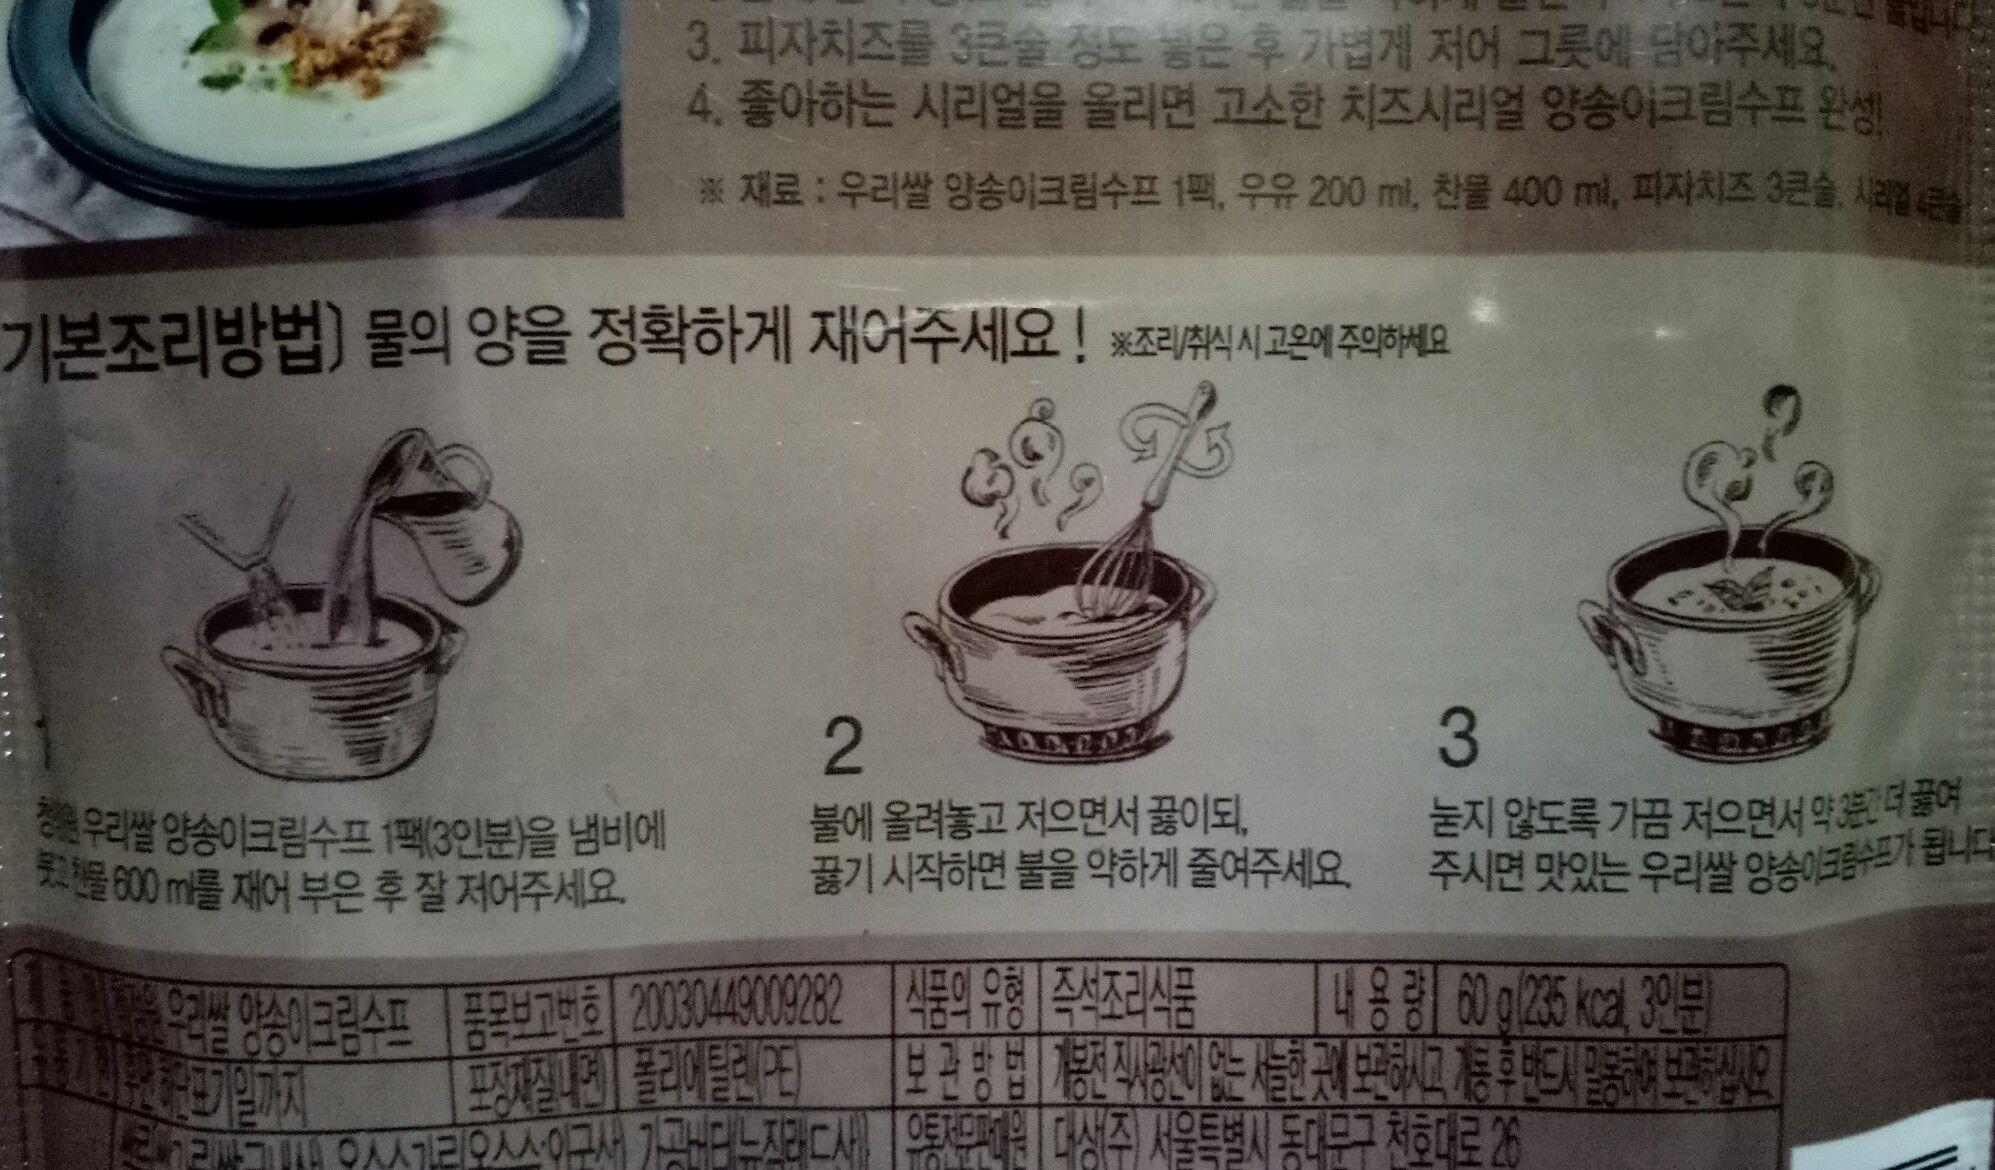 gambar review ke-4 untuk Daesang Korean Mushroom Soup